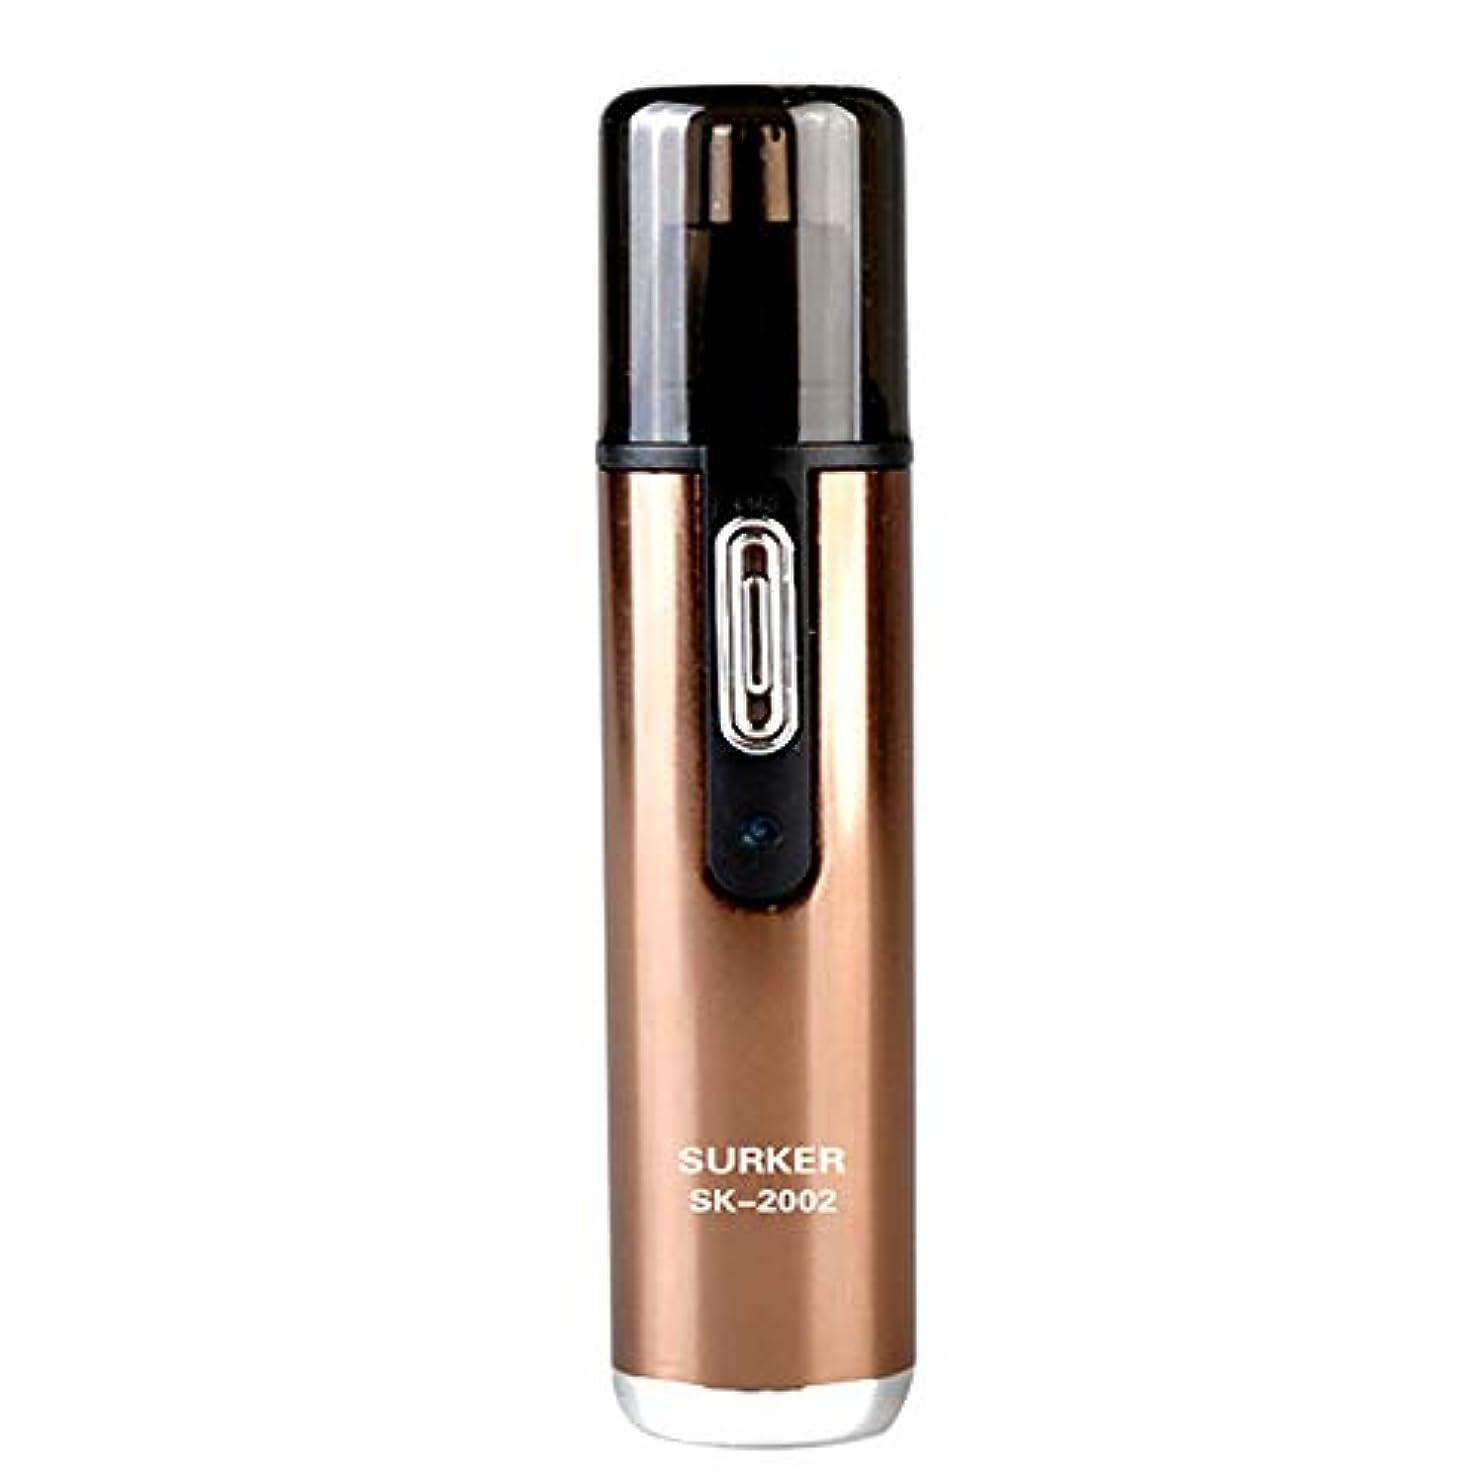 定常カッター重要鼻のヘアトリマーは使いやすいです男性と女性のための50 dB以下の内部360°回転でノイズのある明るいLEDライトで、保護カバーで掃除しやすいです